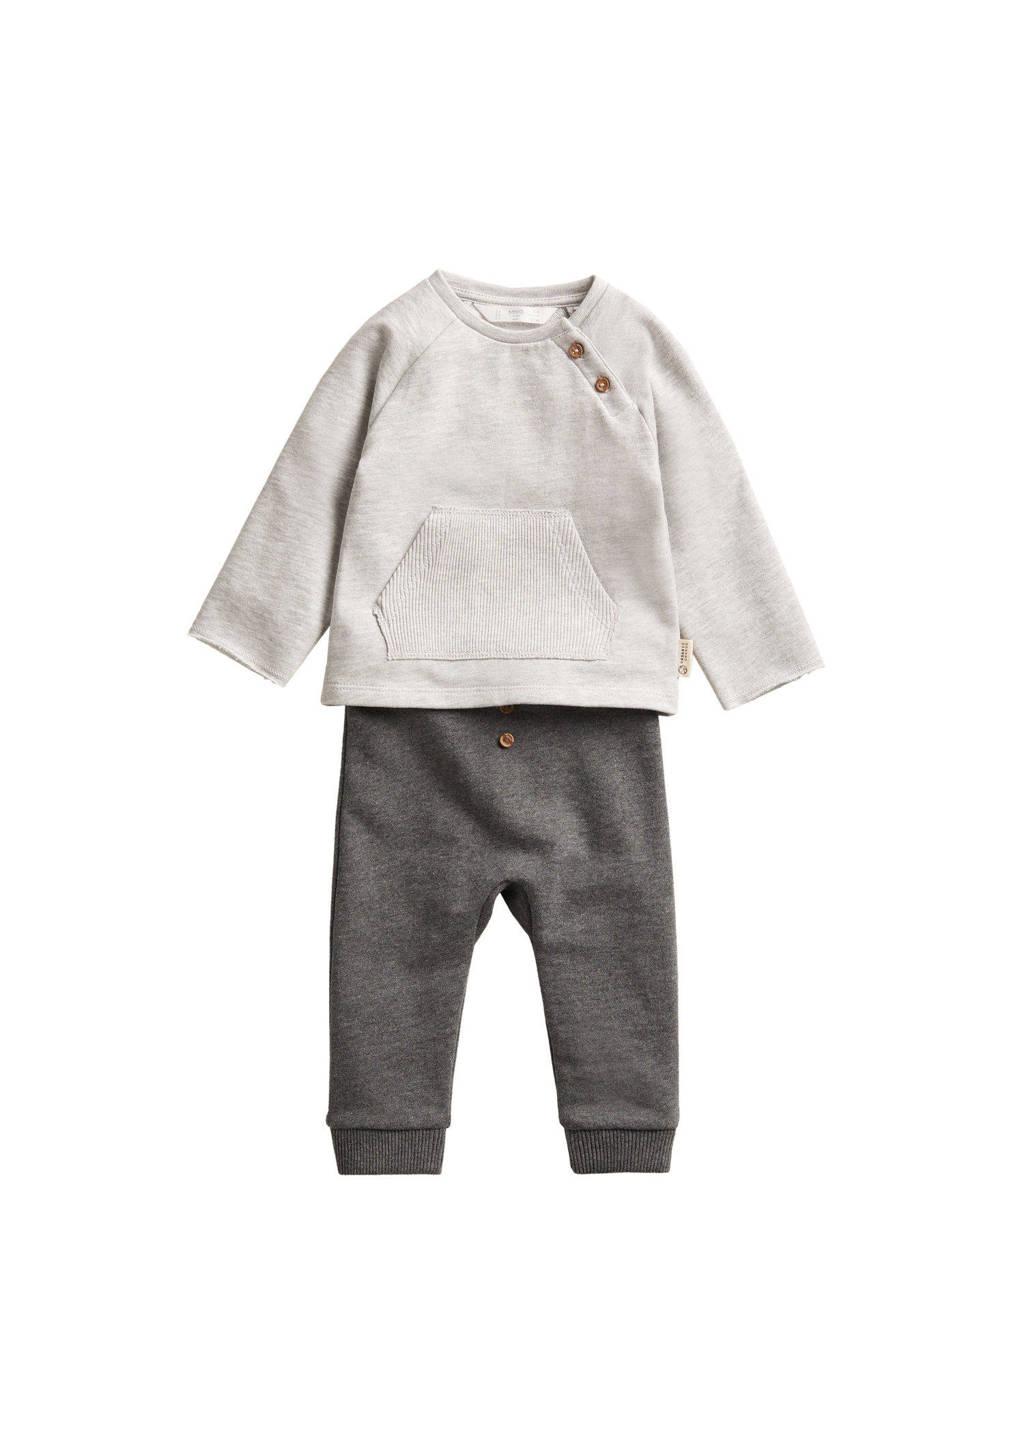 Mango Kids baby broek + sweater van biologisch katoen grijs/lichtgrijs, Grijs/lichtgrijs